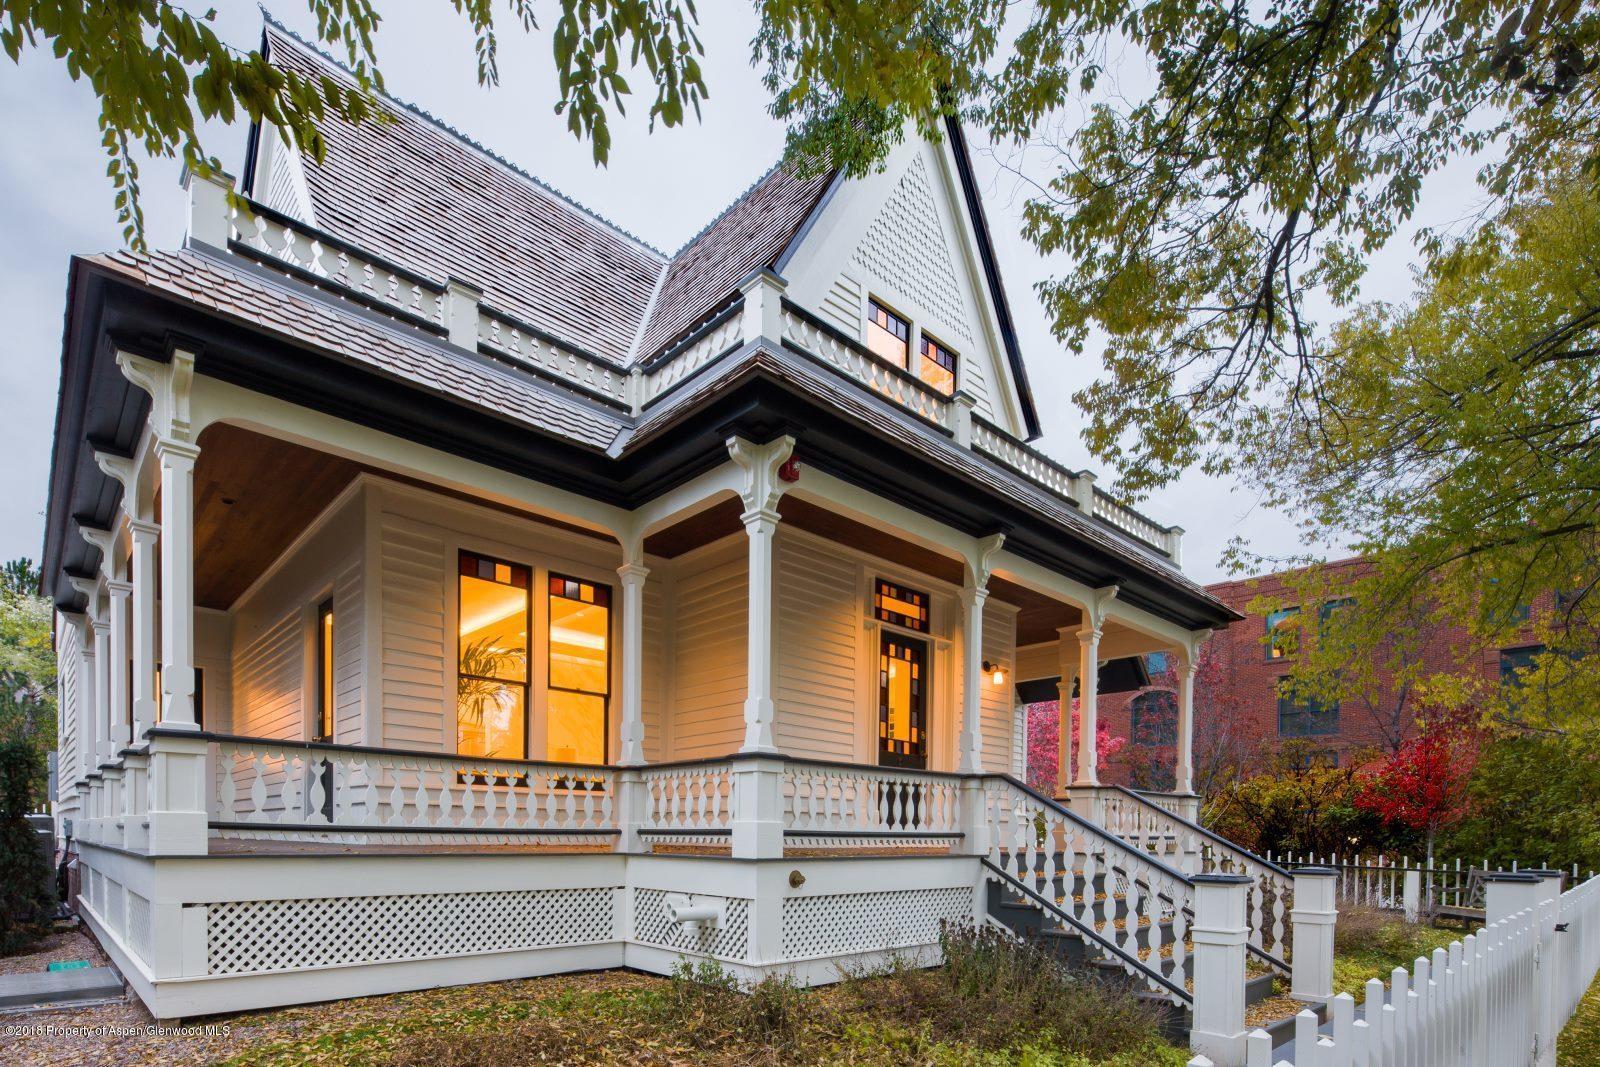 202 Monarch Street,Aspen,Colorado 81611,5 Bedrooms Bedrooms,6 BathroomsBathrooms,Residential Rentals,Monarch,155227